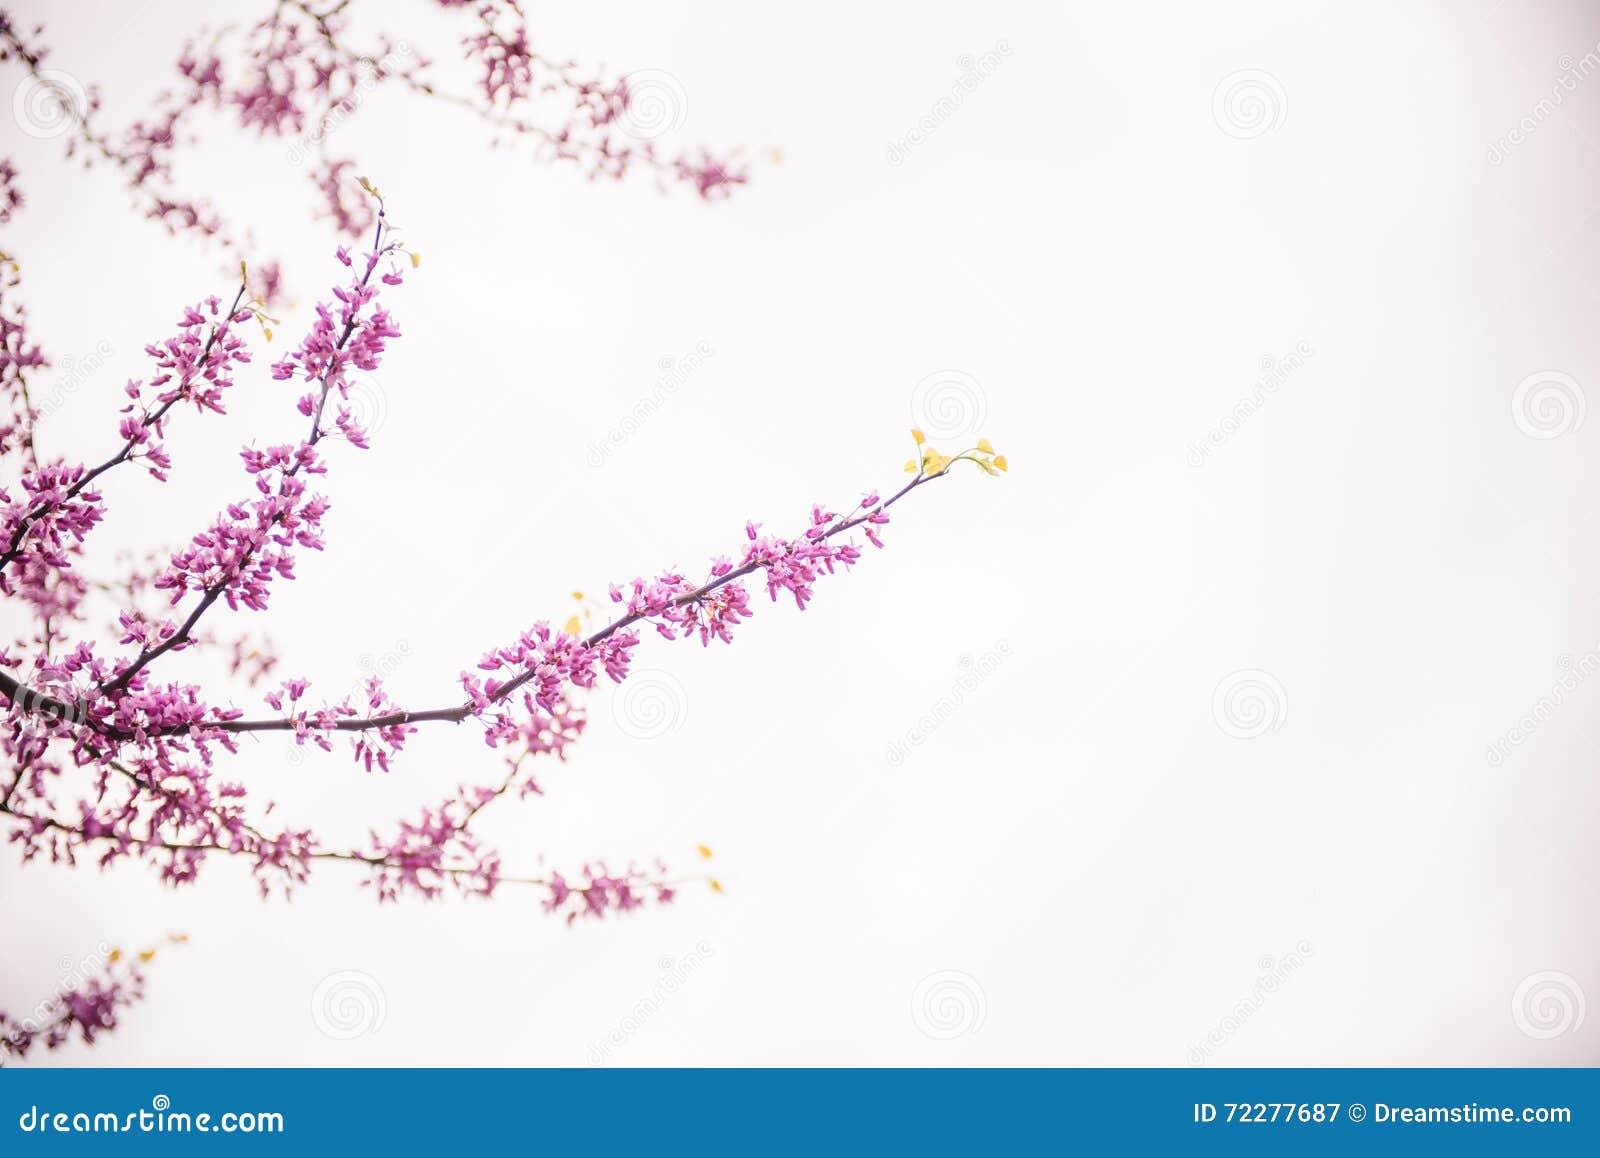 Download Деревья вишневого цвета стоковое изображение. изображение насчитывающей бобра - 72277687